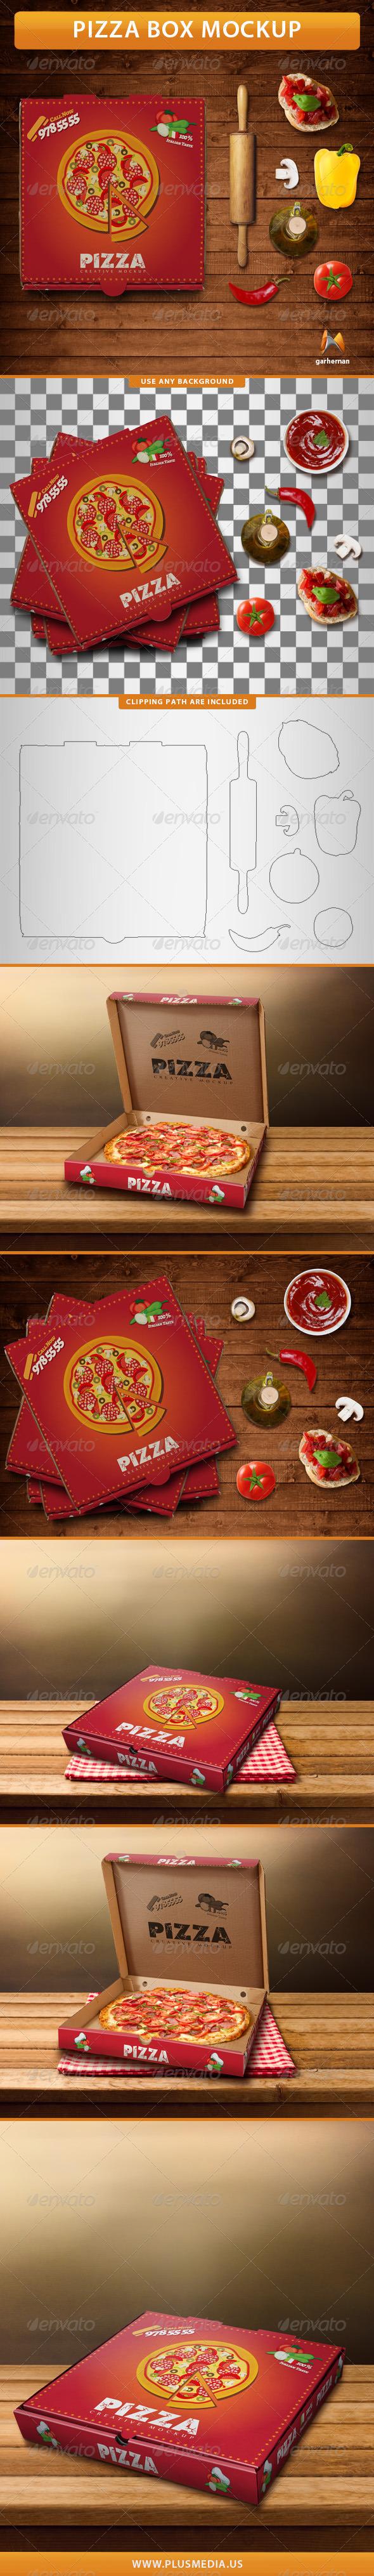 GraphicRiver Pizza Box Mockup 7733962